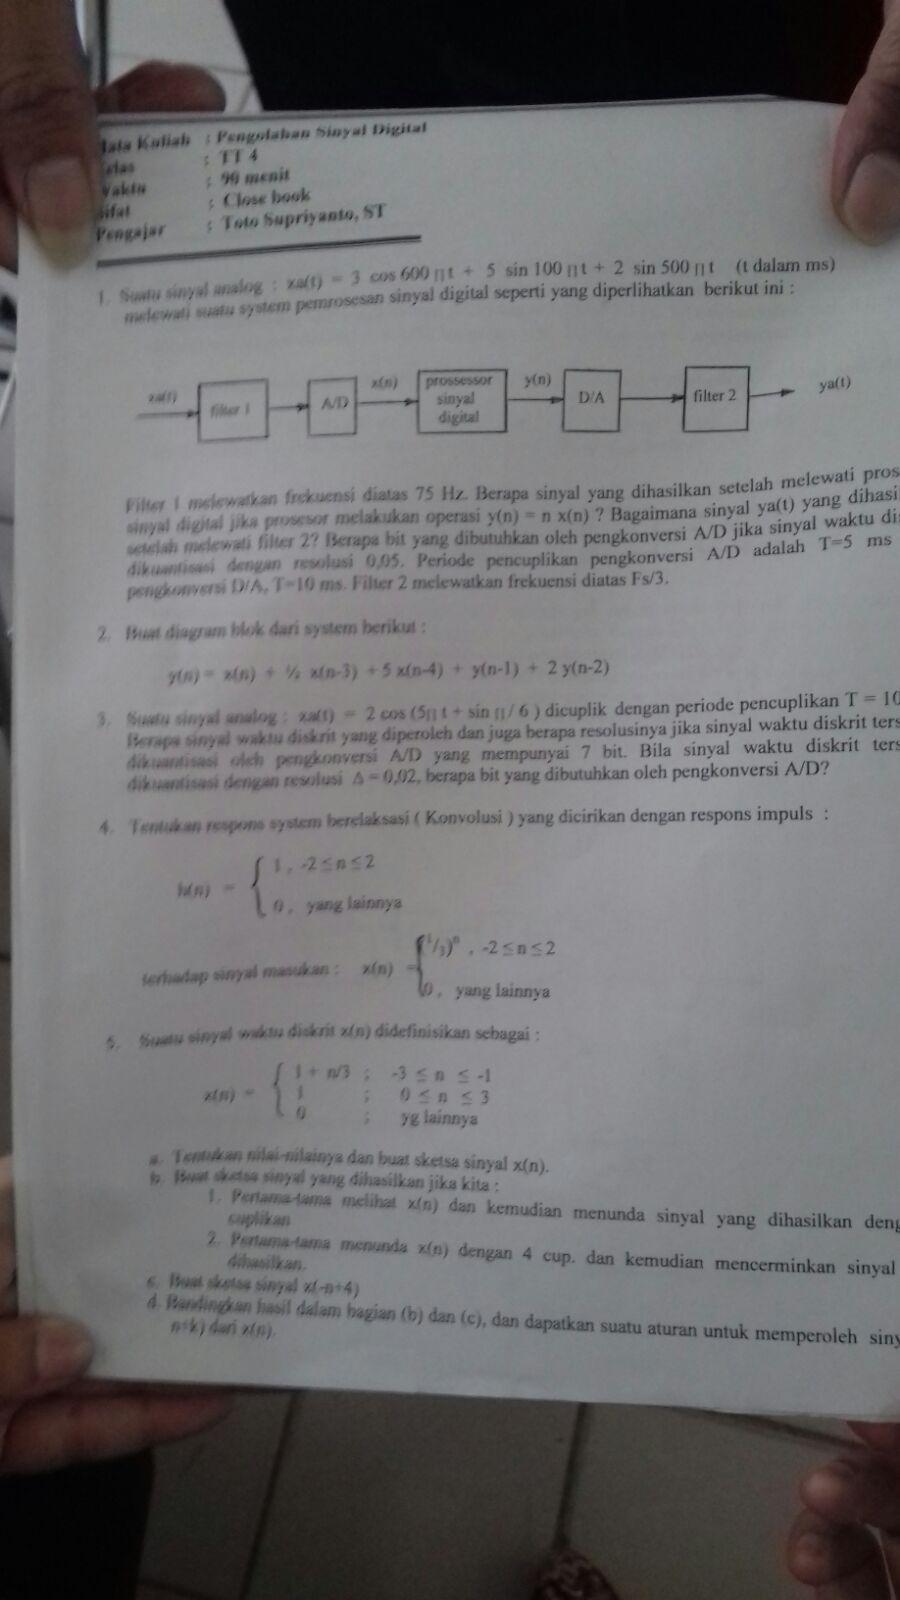 Soal Uts Pengolahan Sinyal Digital Semester 3 Dokumen 471